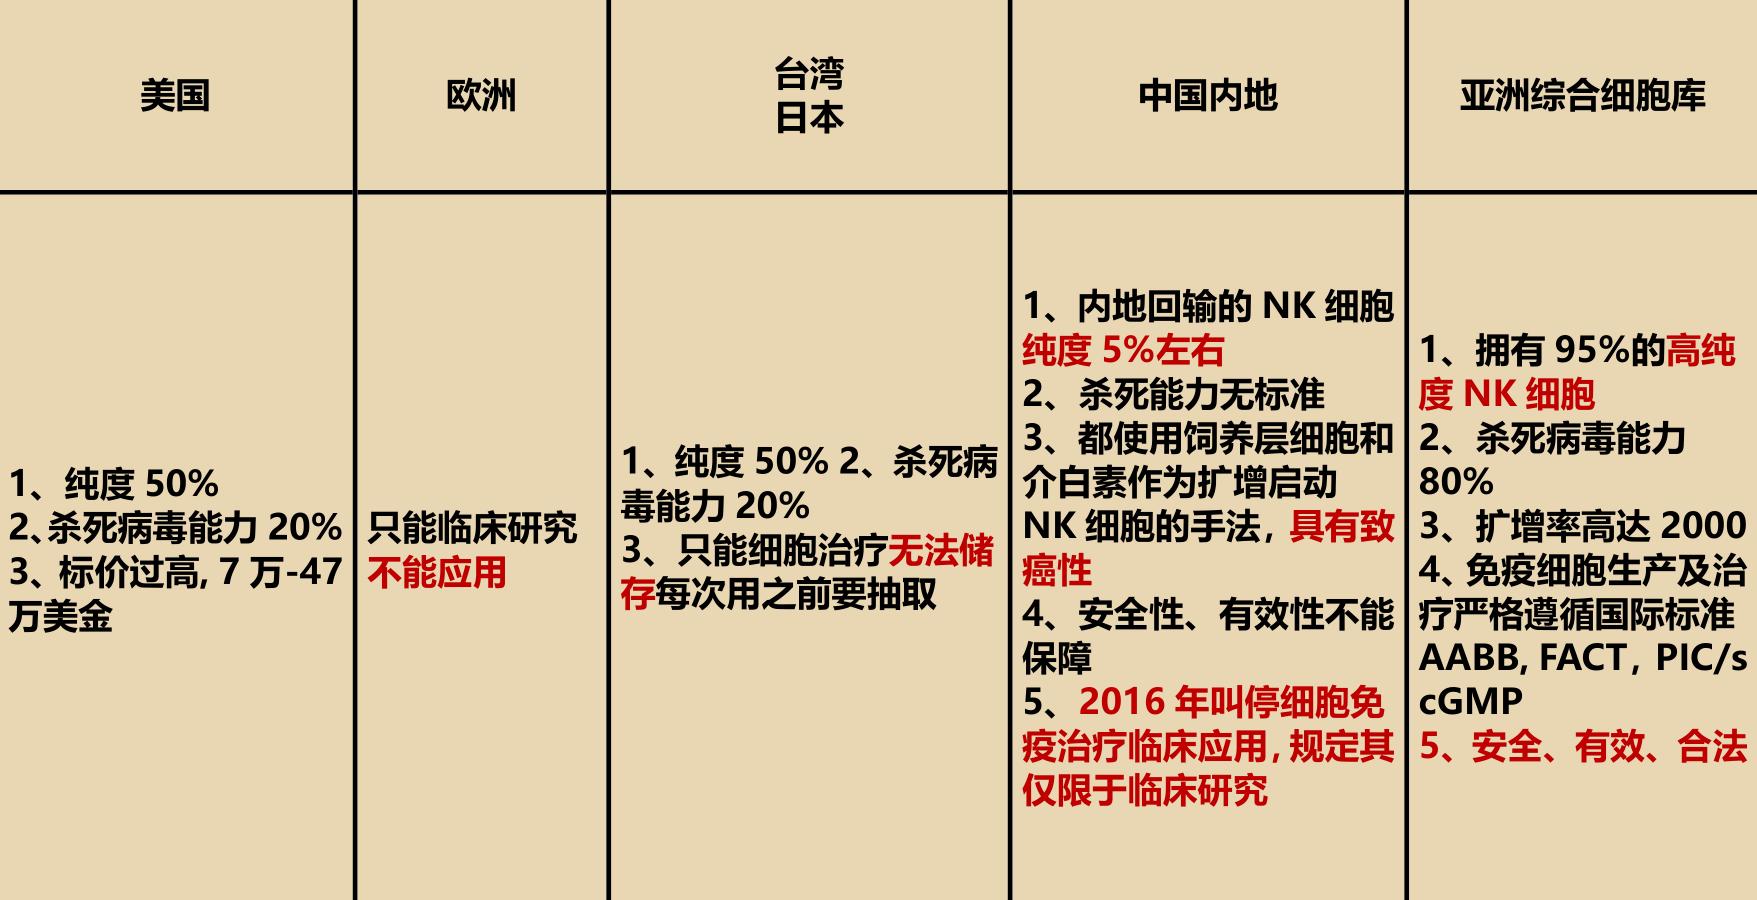 全球NK细胞对比